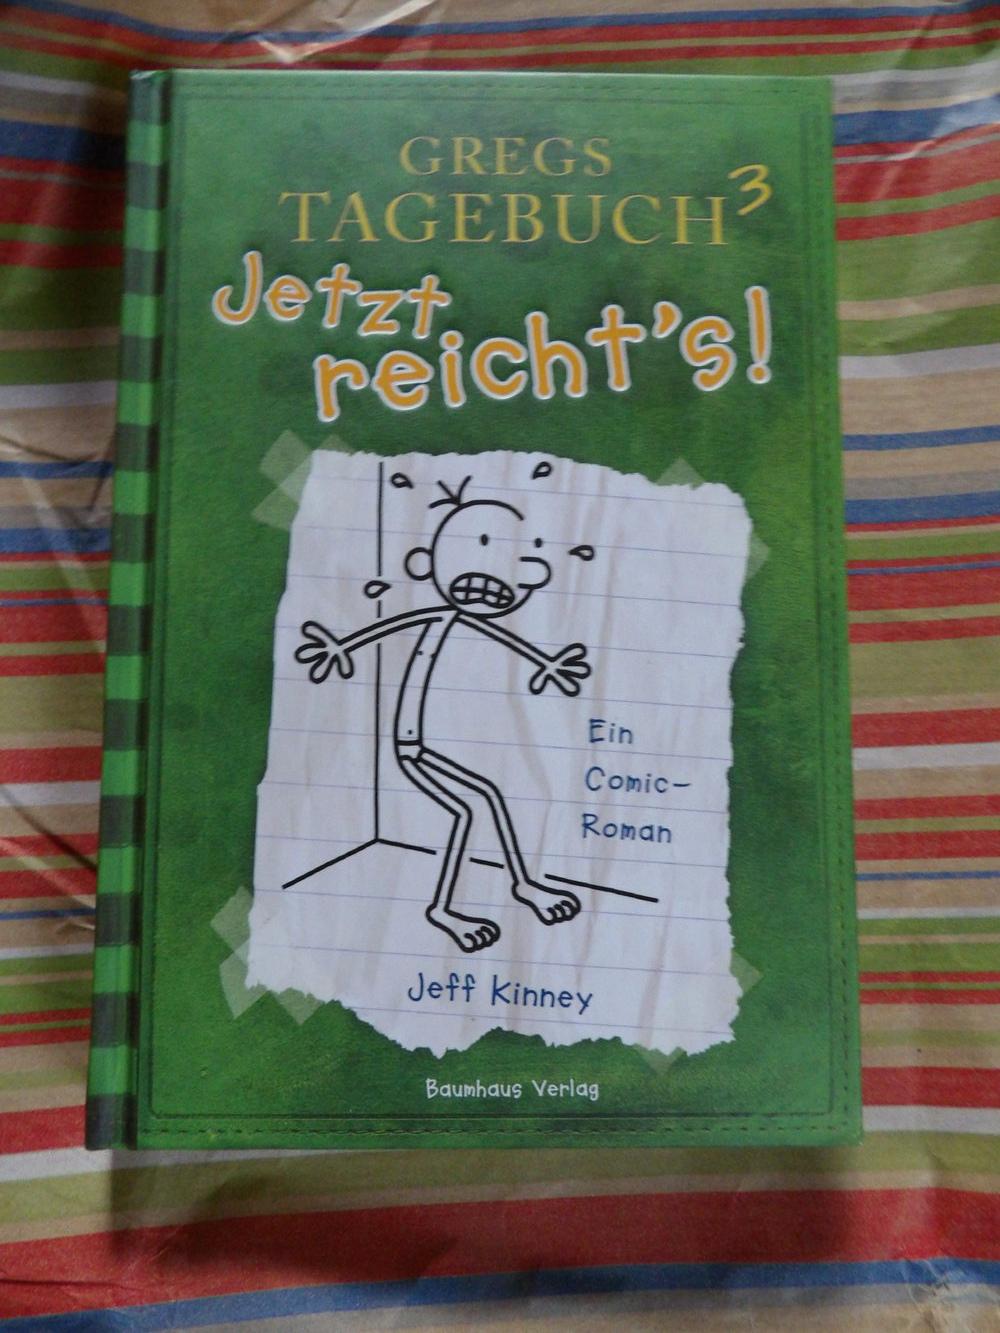 Gregs Tagebuch3